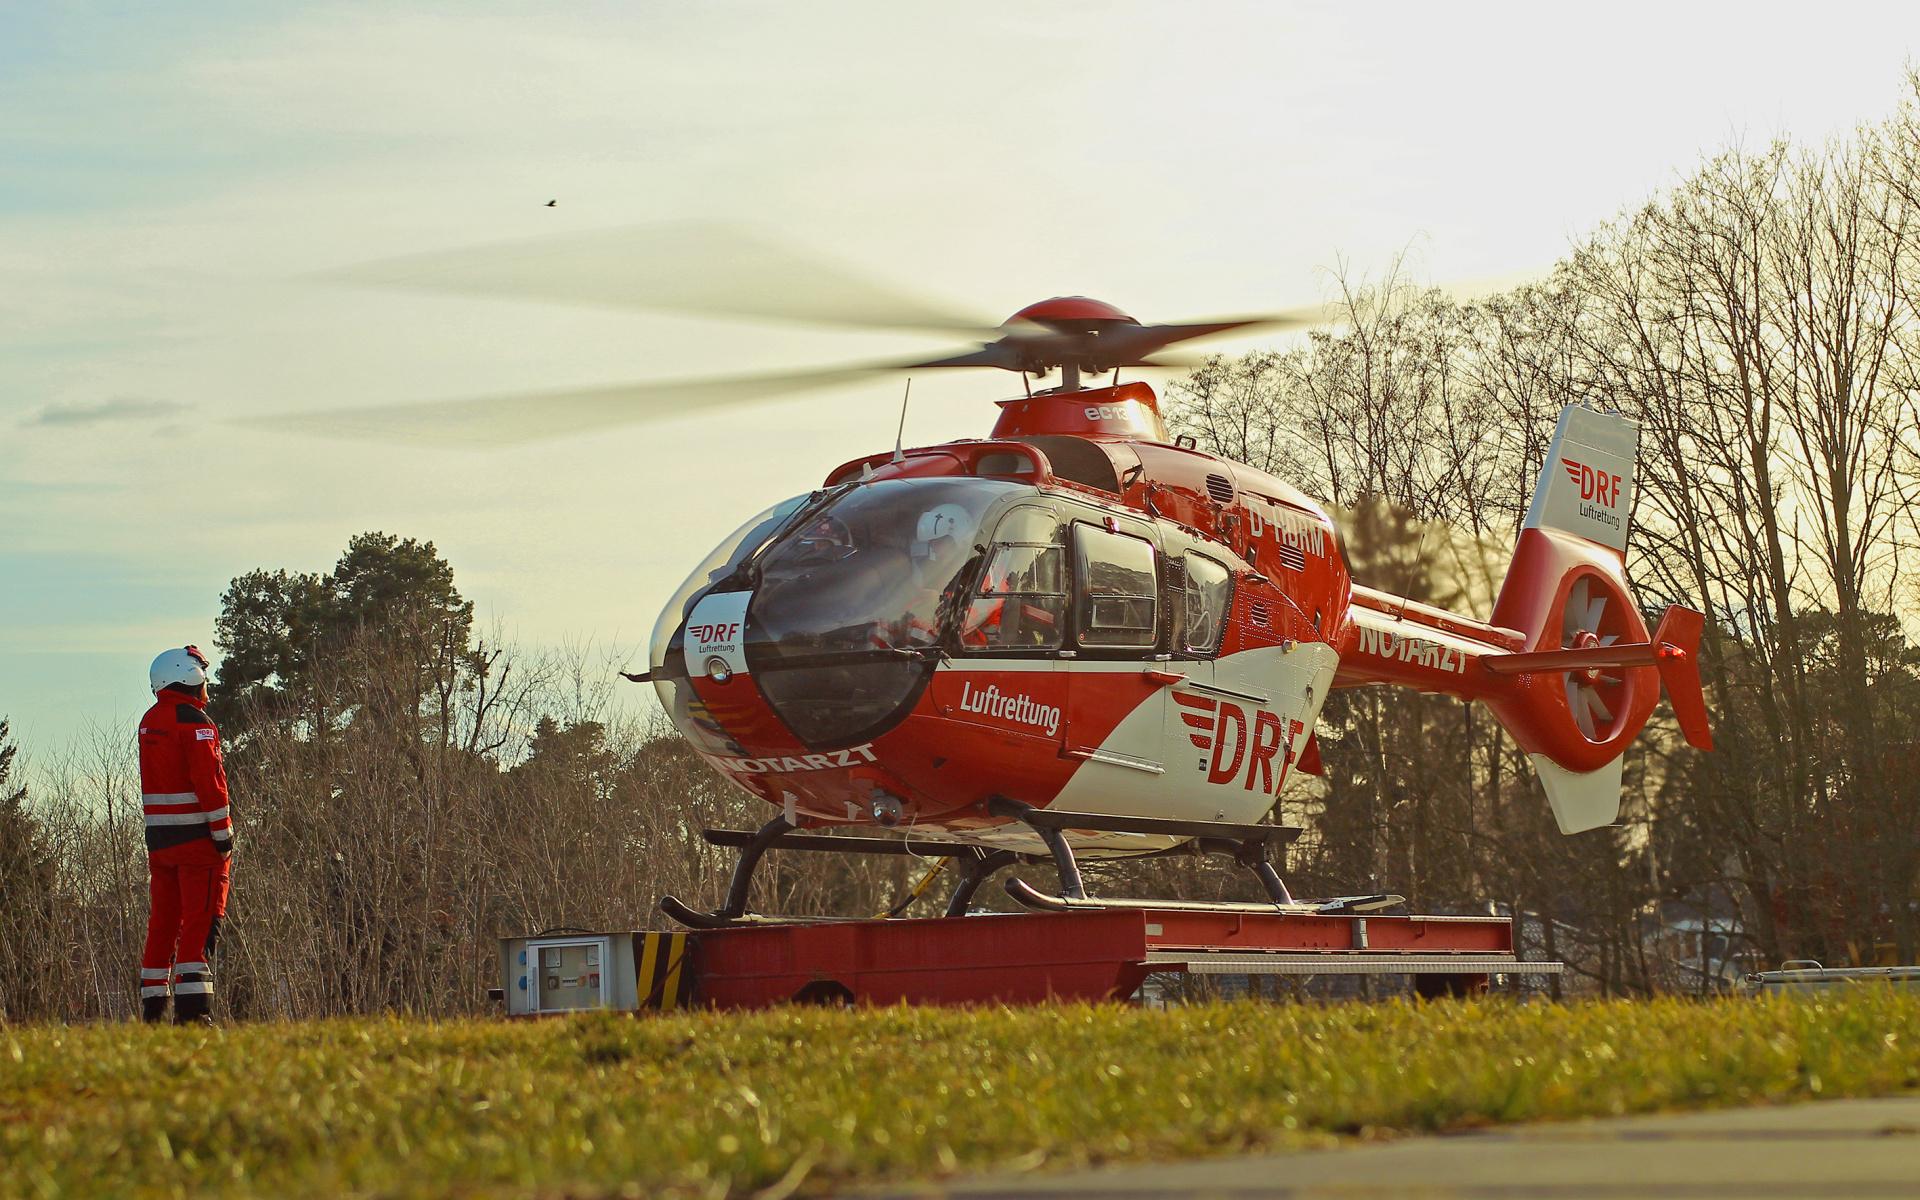 """Als """"Christoph 49"""" ist seit 2010 eine Maschine des Typs EC135 im Dienst. Mit dem hochmodern ausgerüsteten Hubschrauber erreichen die Besatzungen Einsatzorte in einem Umkreis von 60 Kilometern innerhalb von maximal 15 Flugminuten. Denn: Wenn ein Menschenleben auf dem Spiel steht, tickt die Uhr und es zählt jede Minute."""